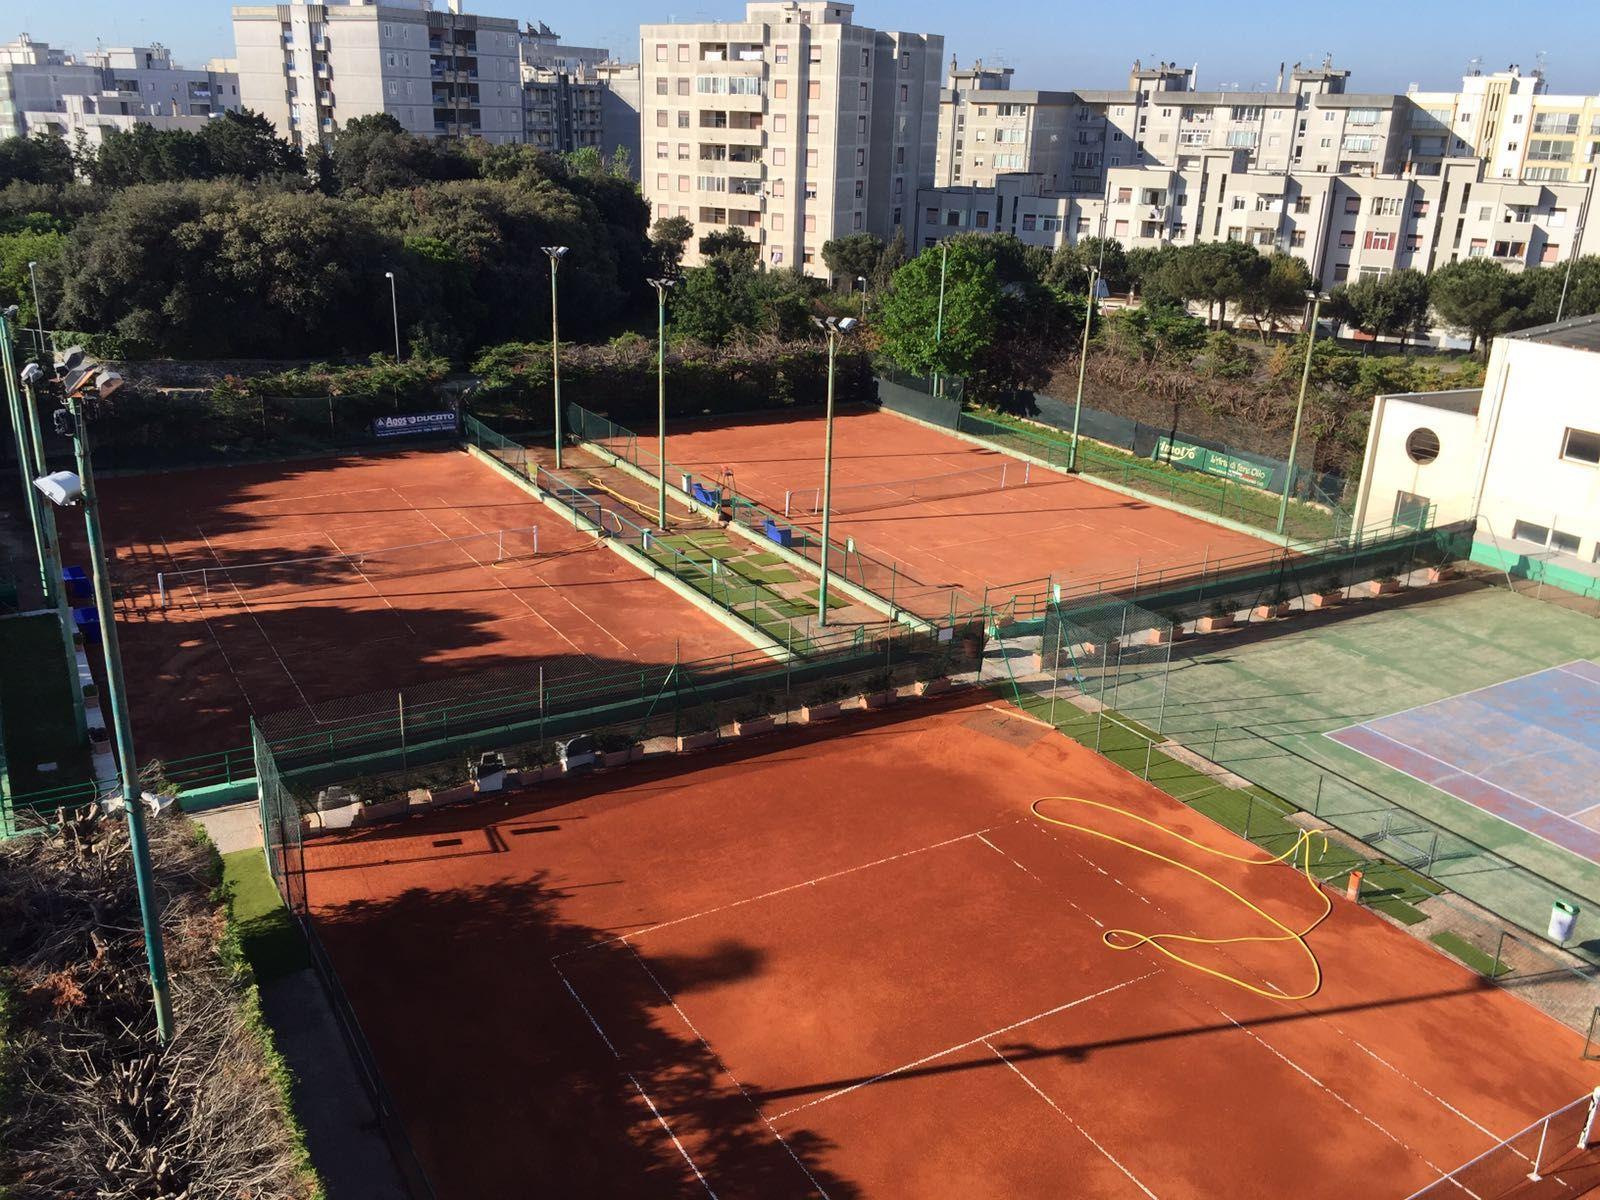 ostuni Circolo Tennis